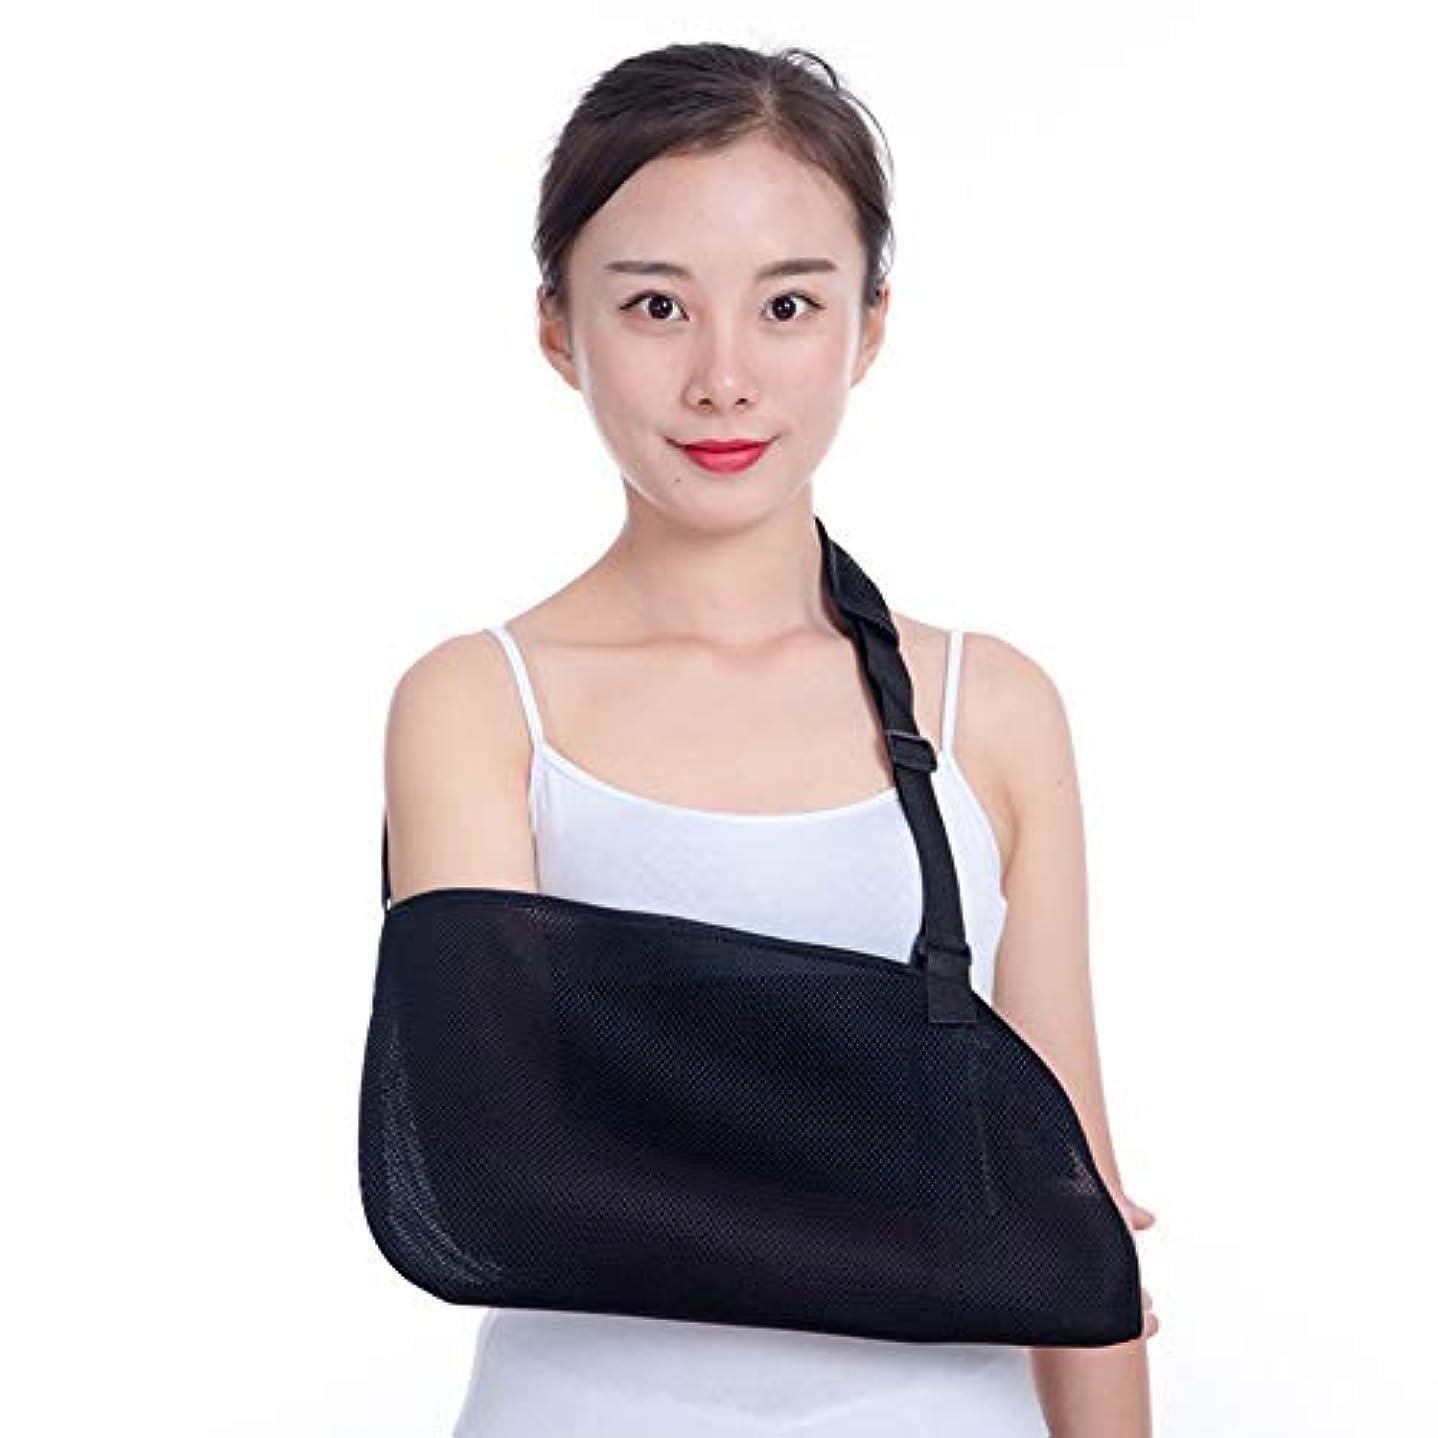 振動させるコットン流行壊れた手首の肘固定用の成人用通気性メッシュ調節可能な前腕回旋腱板サポート軽量快適のためのアームスリングブレース,Black